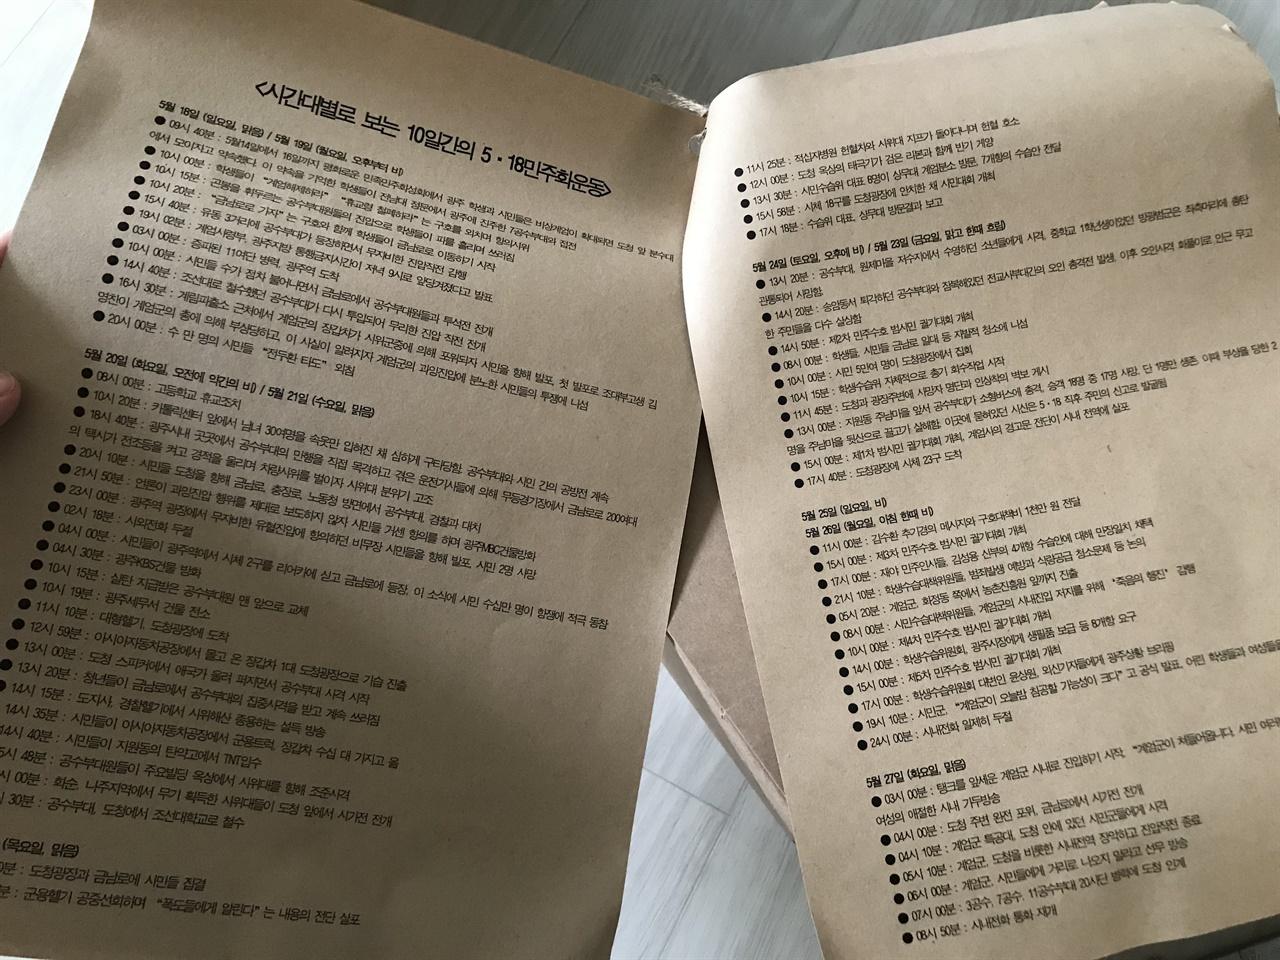 시간대별 5.18민주화운동기록이 적혀 있는 인쇄물